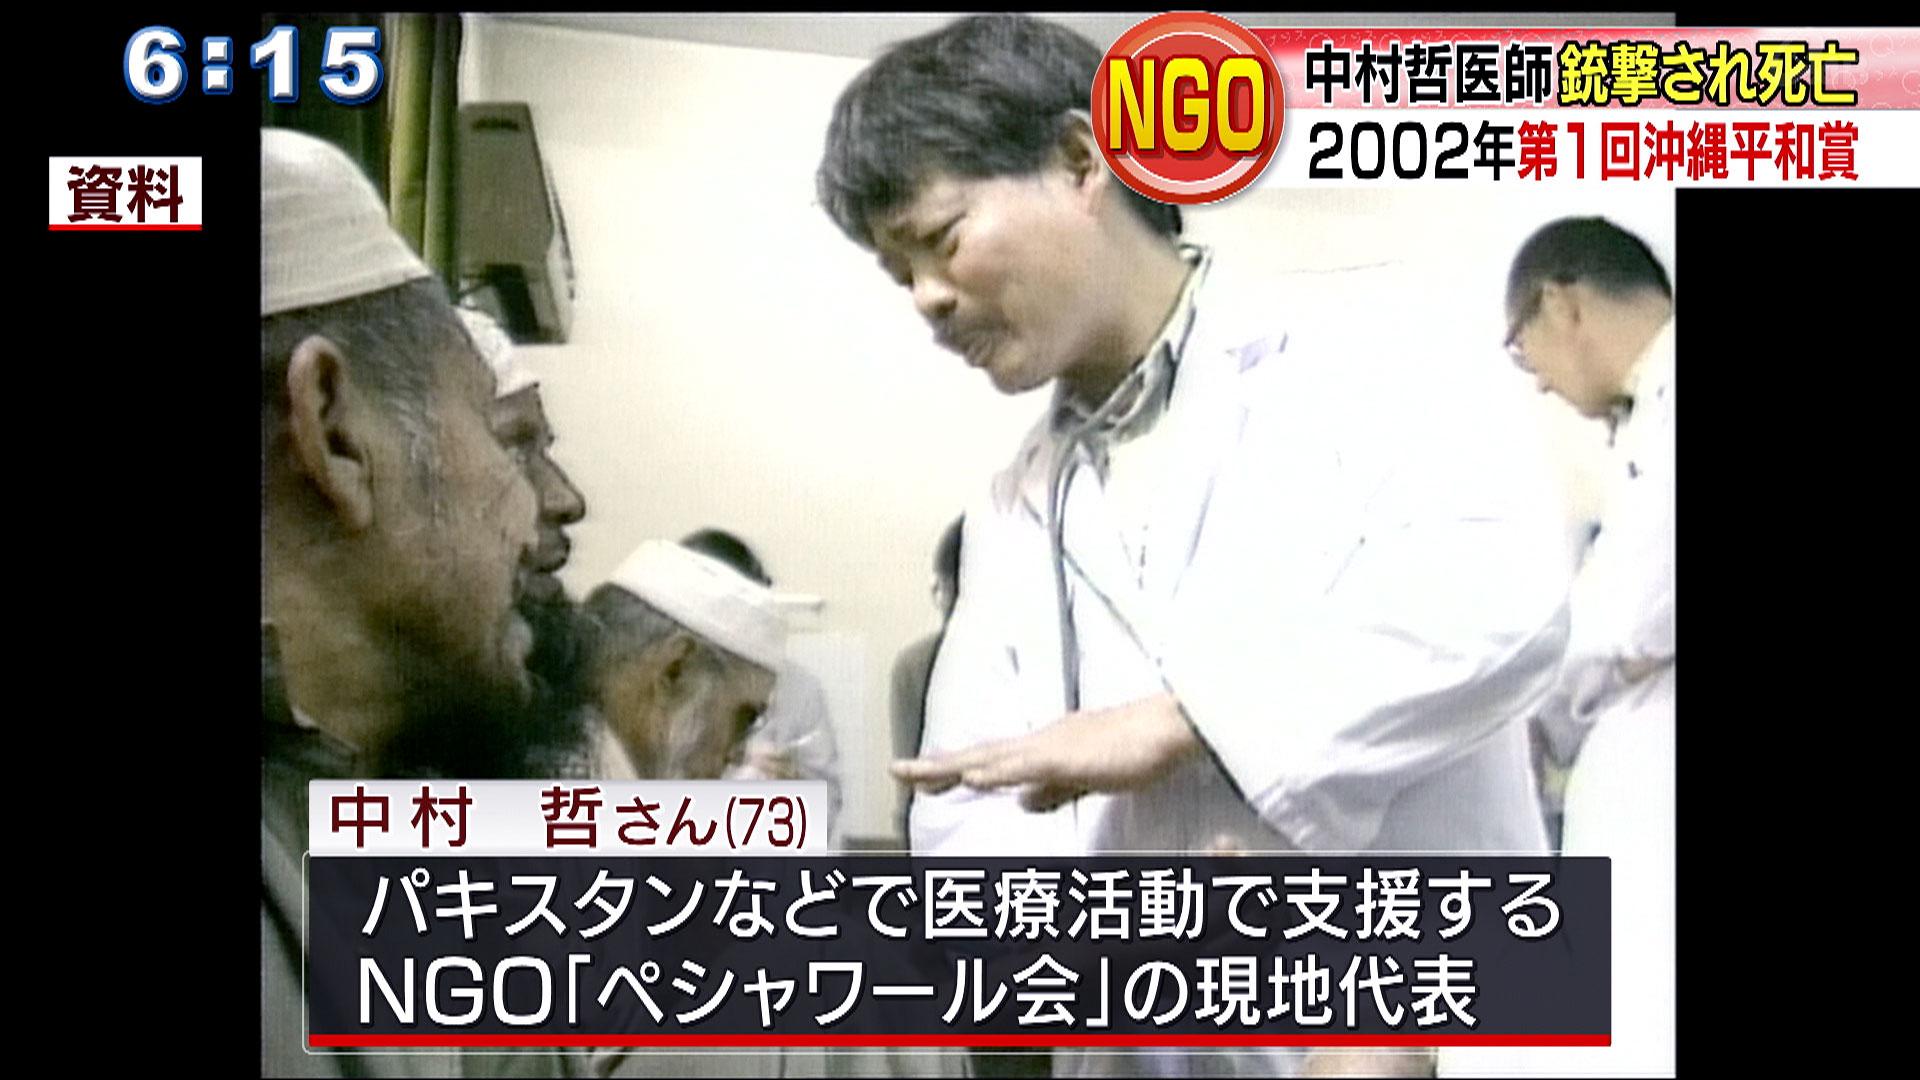 第1回沖縄平和賞の中村哲さん現地で銃撃され死亡